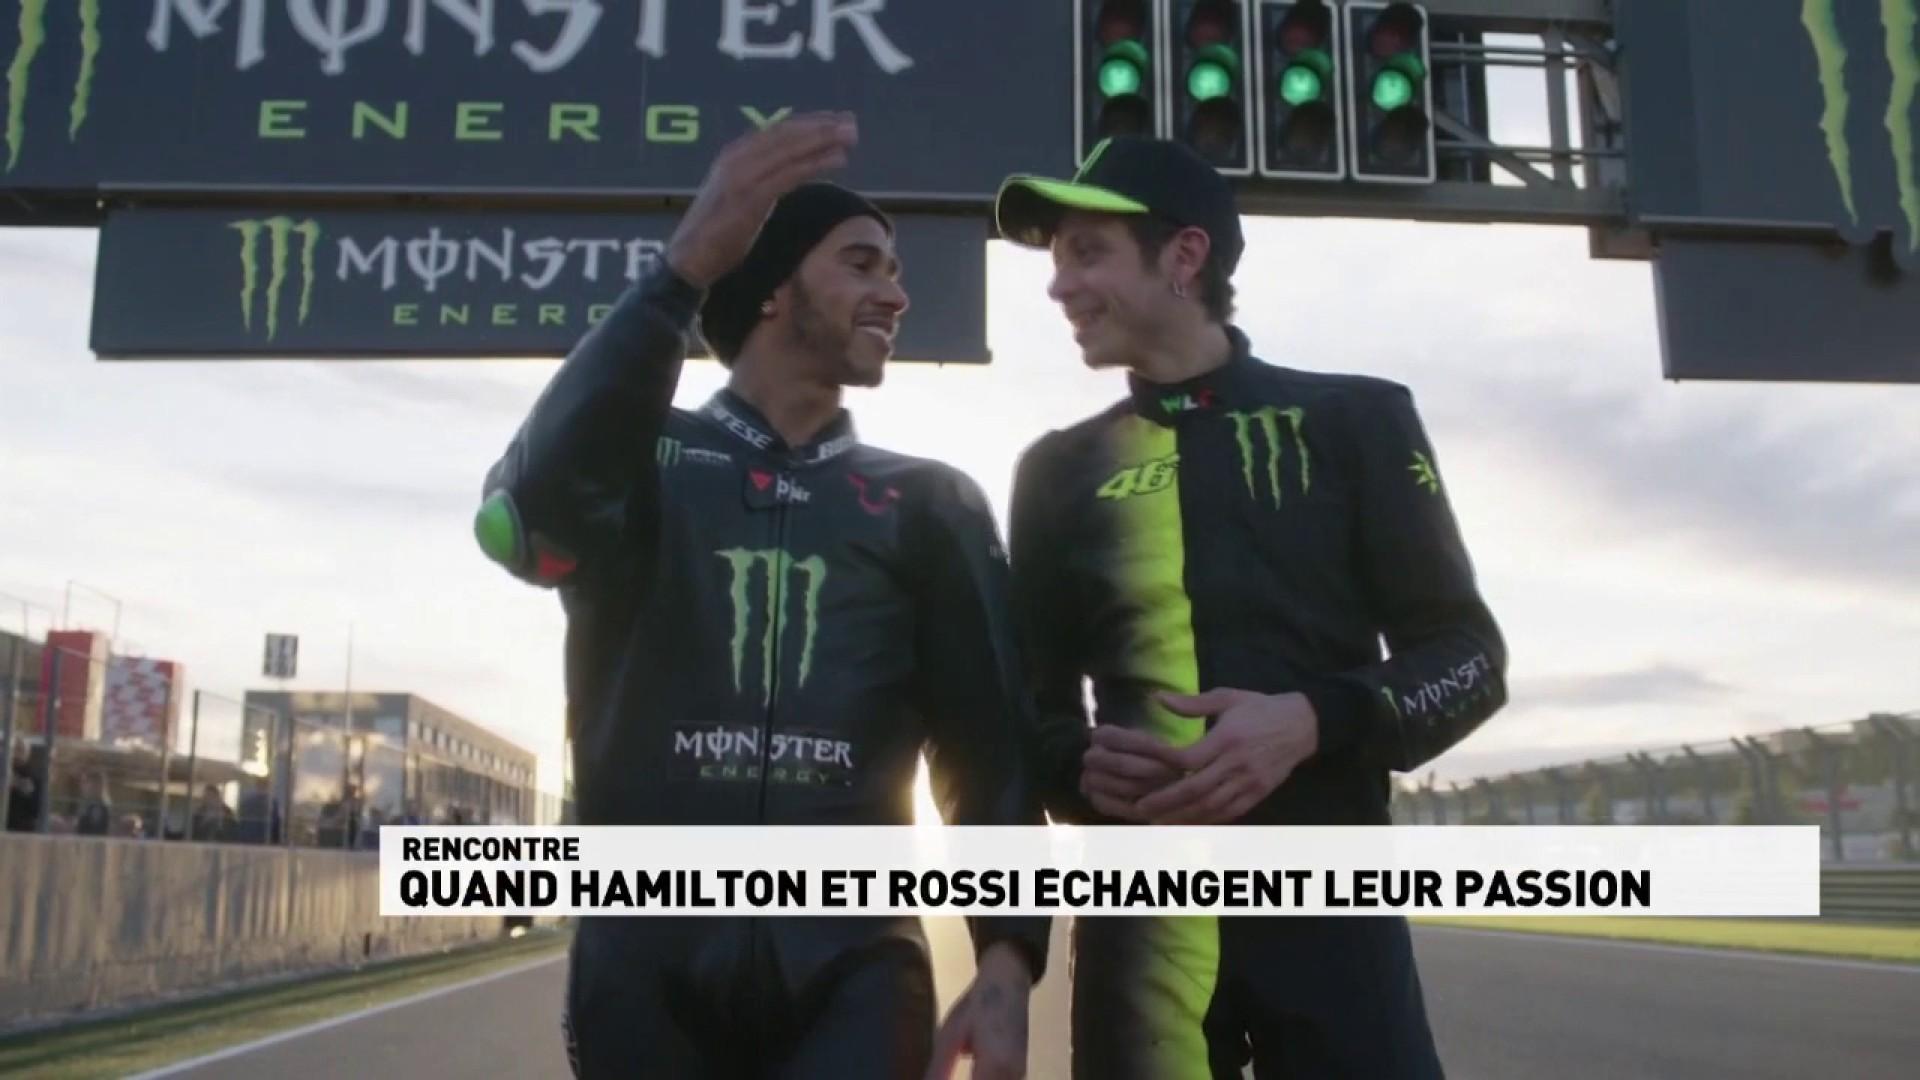 Quand Hamilton et Rossi échangent leur passion